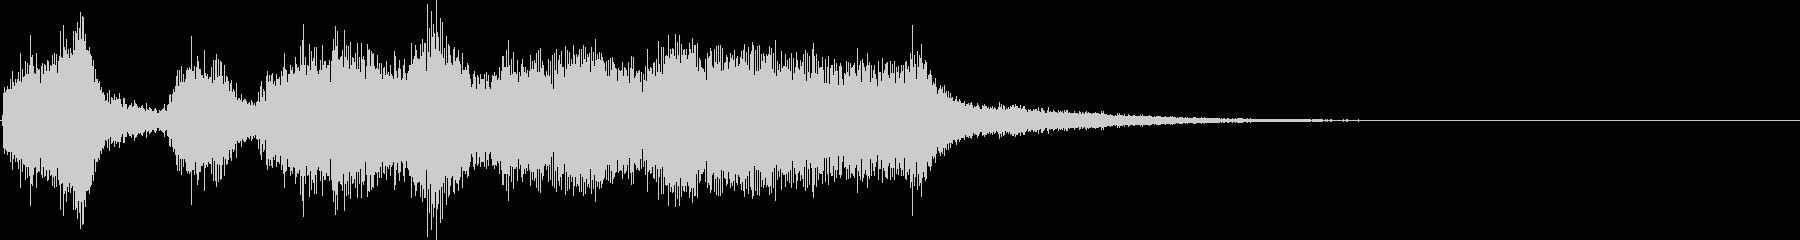 ファンファーレ_01の未再生の波形